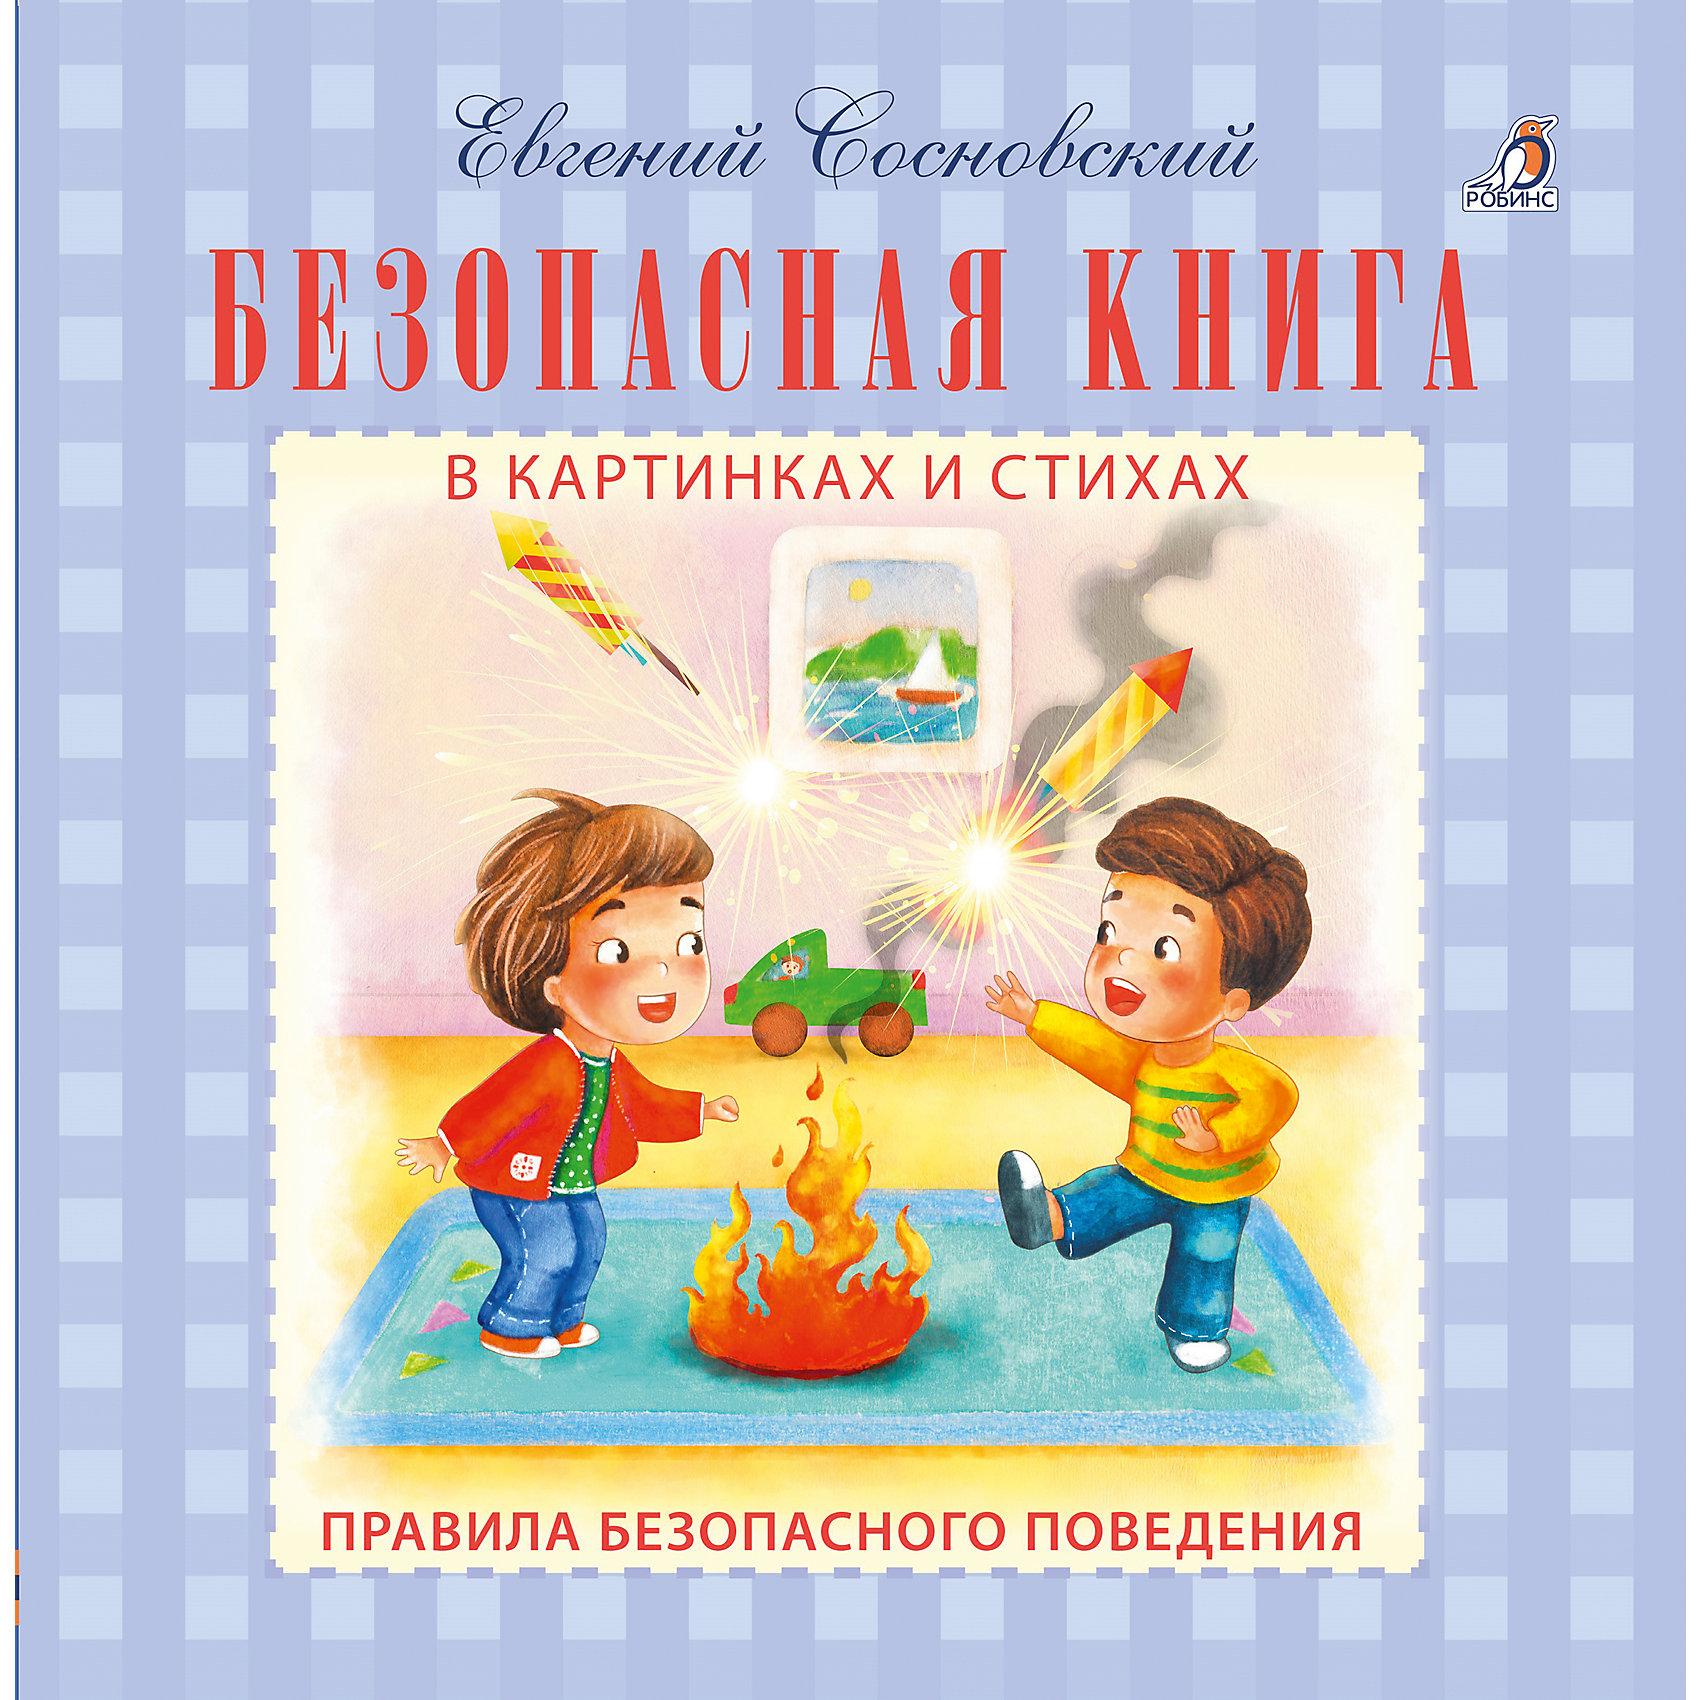 Безопасная книгаСтихи<br>Безопасная книга в картинках и стихах! <br><br>Ребёнок растёт, развивается, познаёт мир, и объектом его исследования становятся не только безопасные вещи.  <br><br>Всем родителям хочется, чтобы их малыш не попал в беду, не получил травму и непременно вырос активным и здоровым. Ребенку необходимо знать правила БЕЗОПАСНОГО поведения!   <br>В этом поможет «БЕЗОПАСНАЯ КНИГА». <br><br>Познавательные стихи от Евгения Сосновского описывают все самые важные ситуации, которые могут произойти в жизни вашего малыша. Яркие образные картинки интересно рассматривать и обсуждать, они помогут воспитать у ребёнка чувство ответственности и донести до него правила поведения:<br><br>-  дома;<br><br>- на природе;<br><br>- на воде;<br><br>- в транспорте;<br><br>- на дороге;<br><br>- на пешеходном переходе. <br><br><br>Эта книга поможет вашему малышу стать внимательным, острожным и послушным!  <br><br><br>Издание рекомендовано для индивидуальных и групповых занятий как дома, так и в детских дошкольных учреждениях.<br><br>Ширина мм: 257<br>Глубина мм: 257<br>Высота мм: 90<br>Вес г: 664<br>Возраст от месяцев: 36<br>Возраст до месяцев: 2147483647<br>Пол: Унисекс<br>Возраст: Детский<br>SKU: 6751778